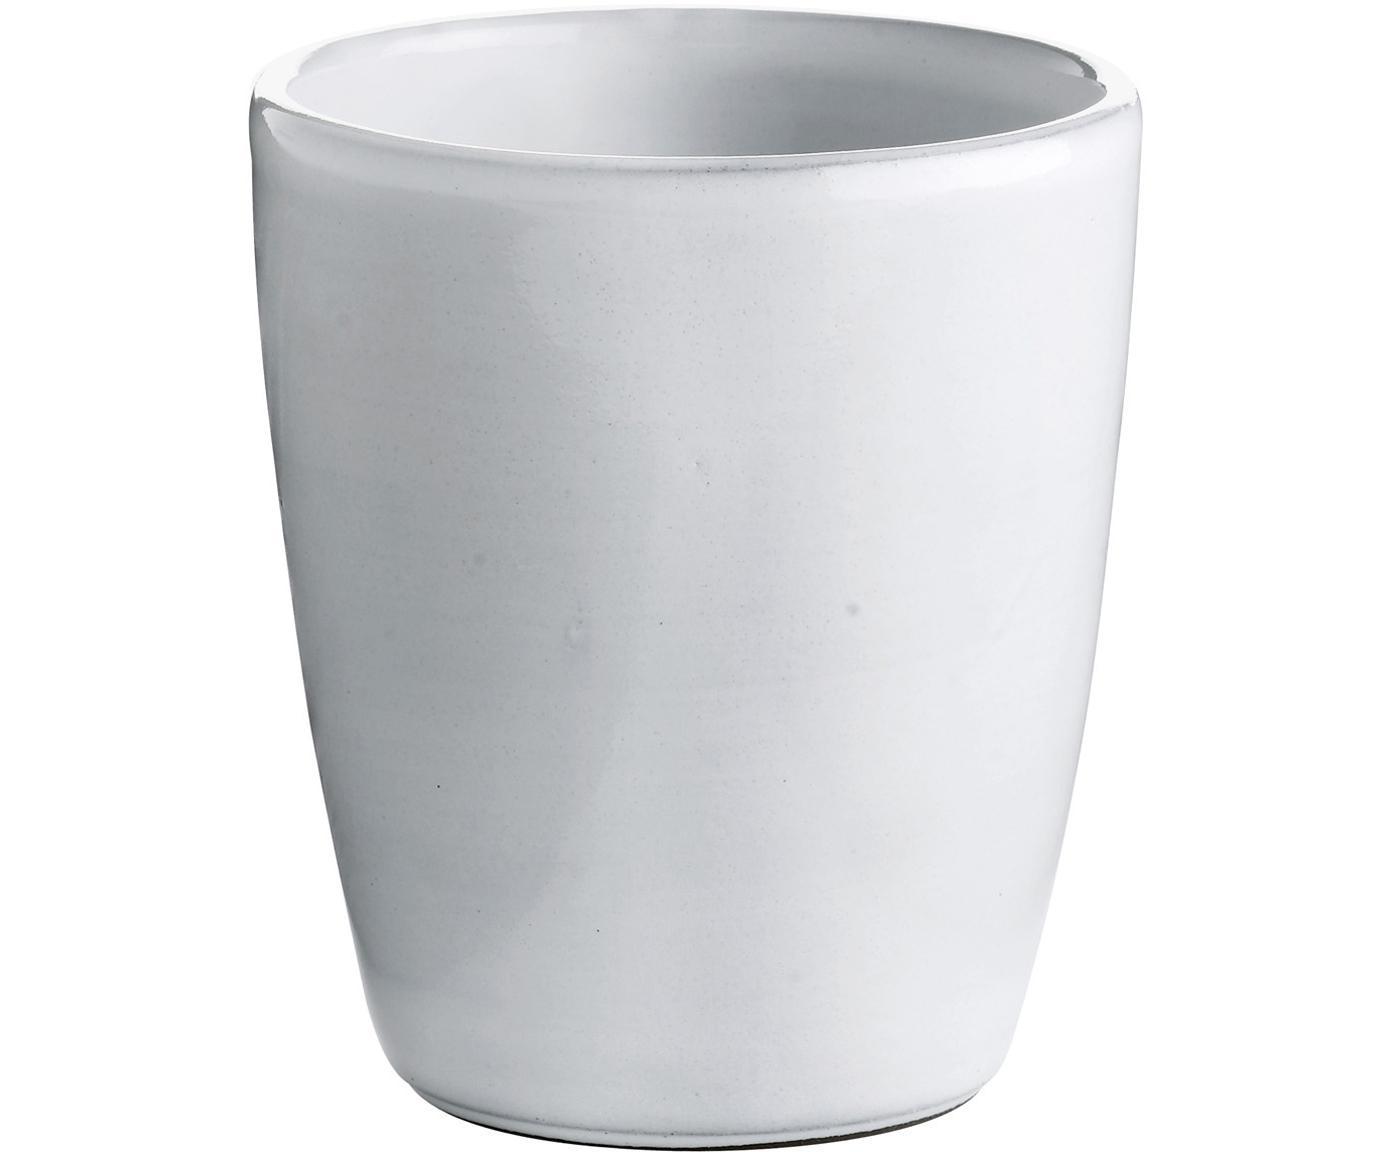 Becher Haze, 2 Stück, Keramik, glasiert, Weiss, Grau, Ø 10 x H 11 cm